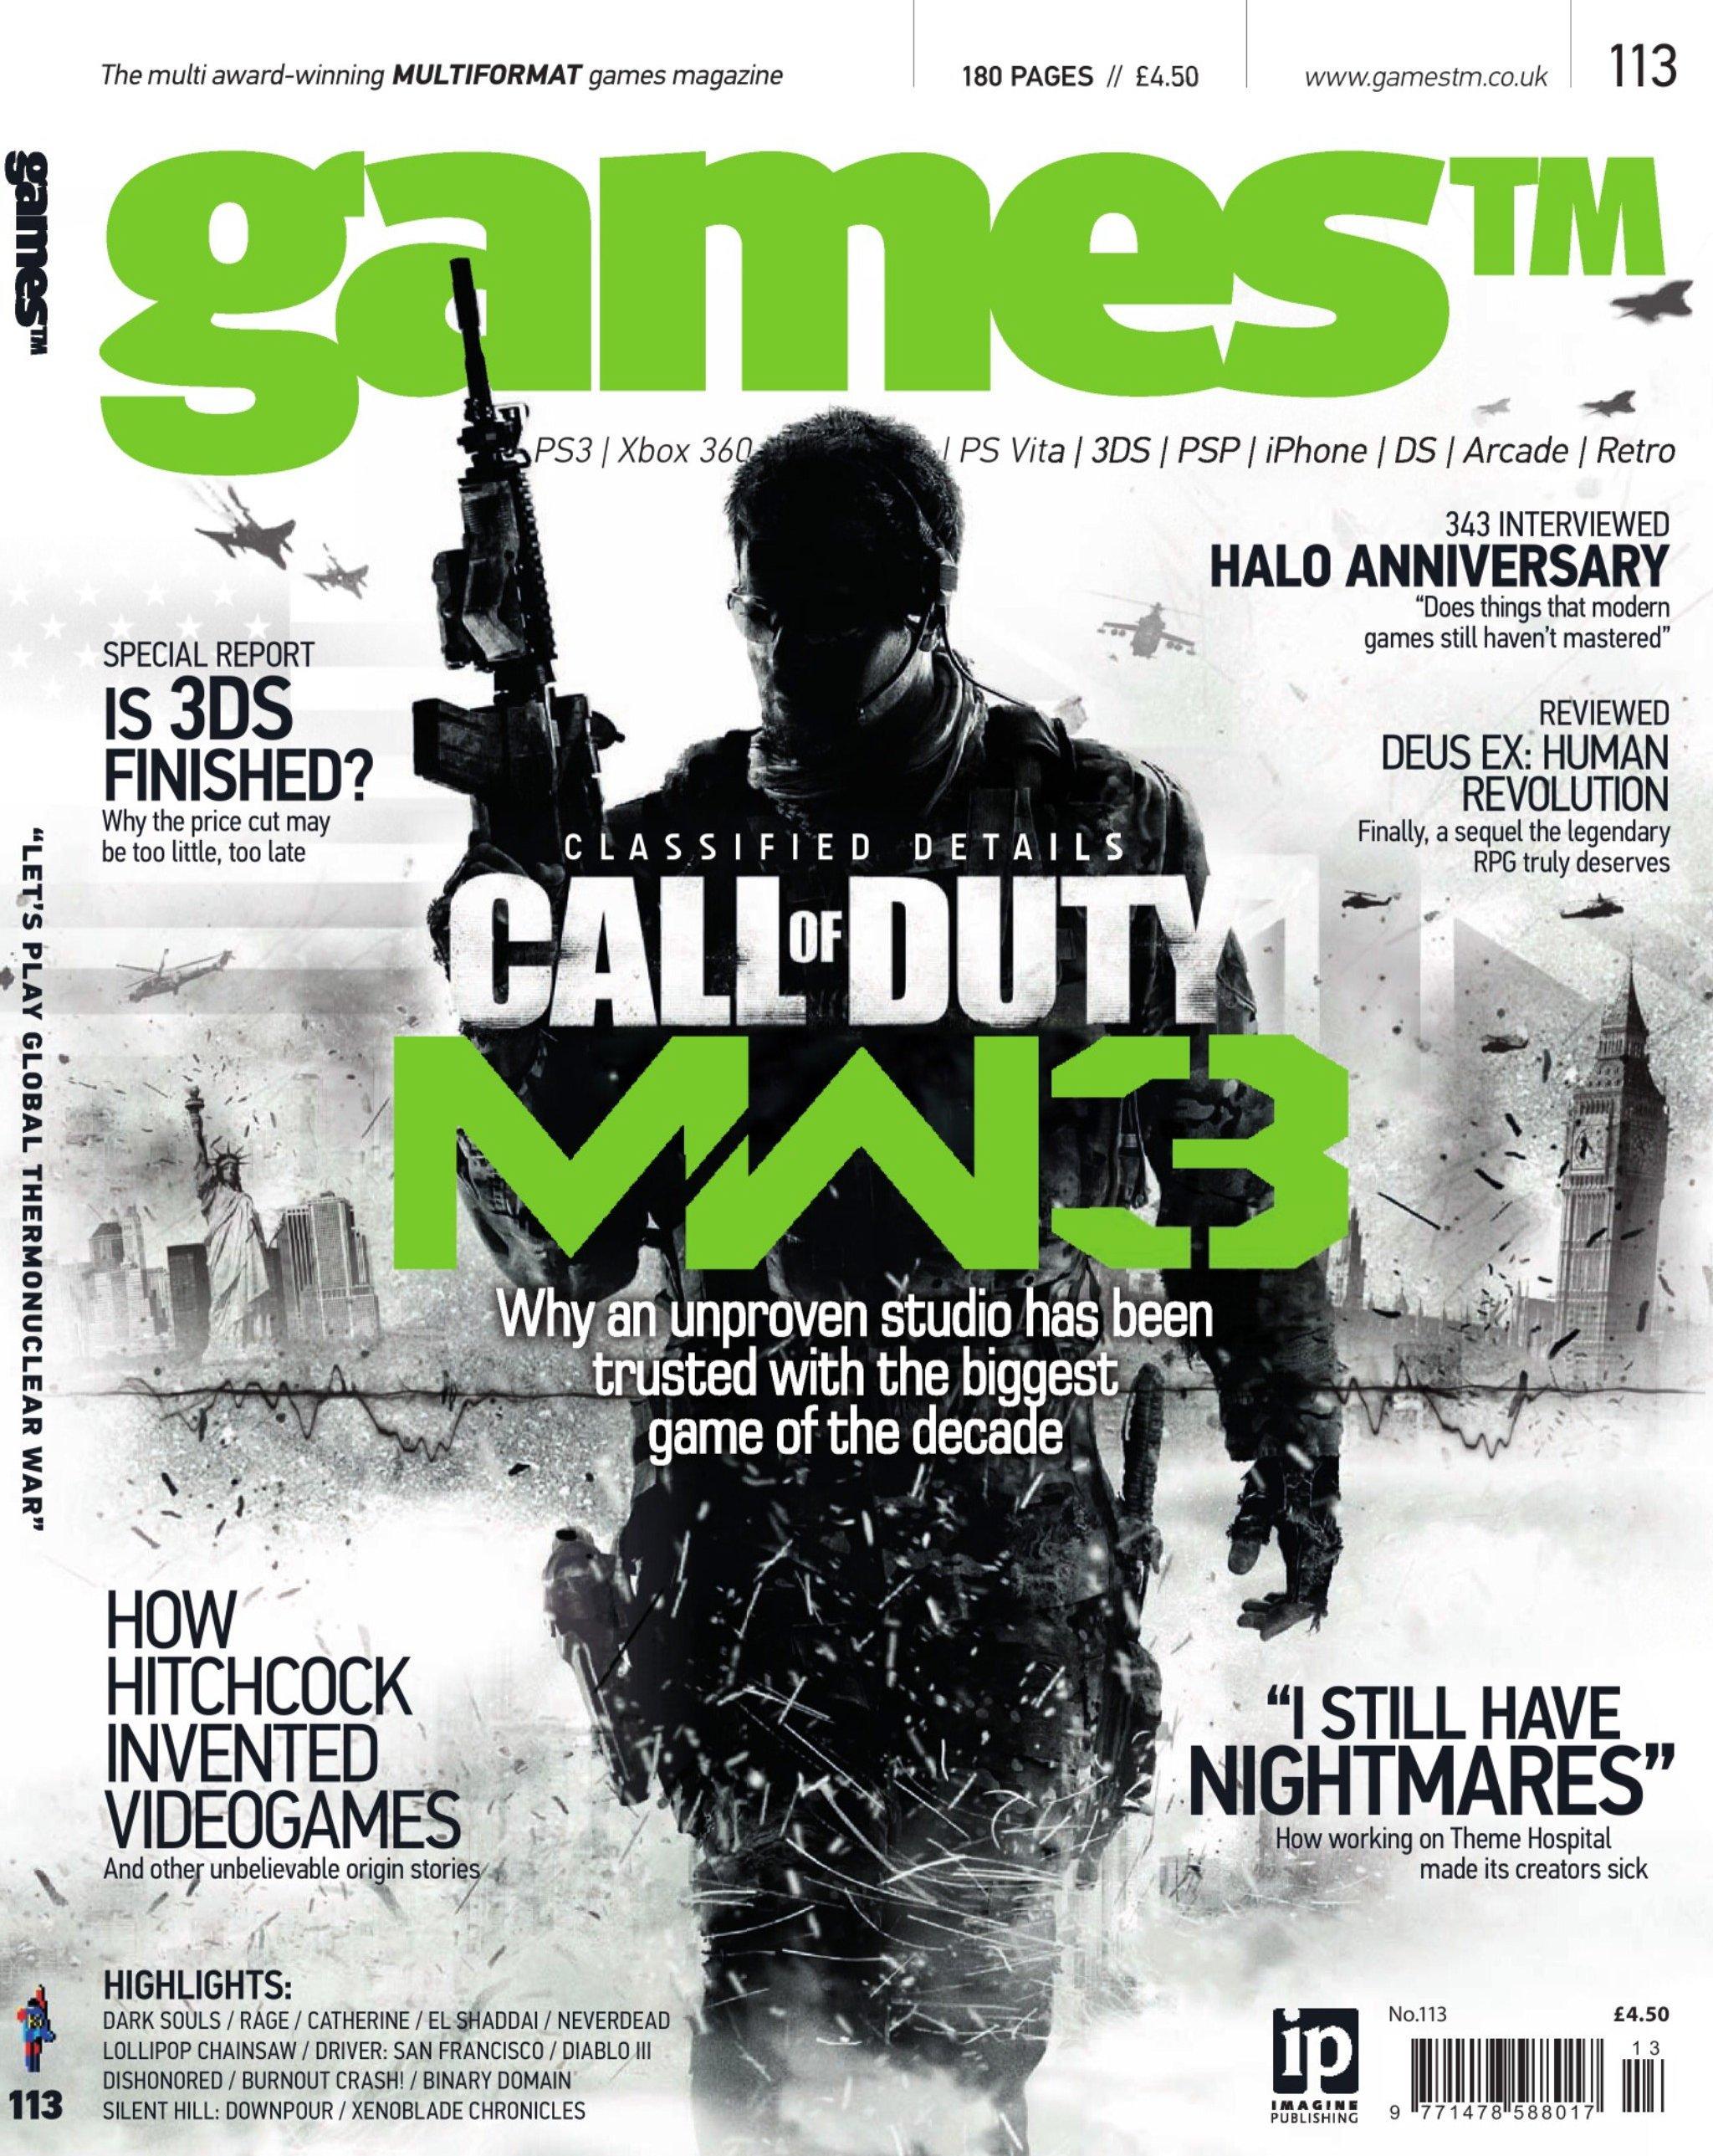 Games TM Issue 113 (September 2011)